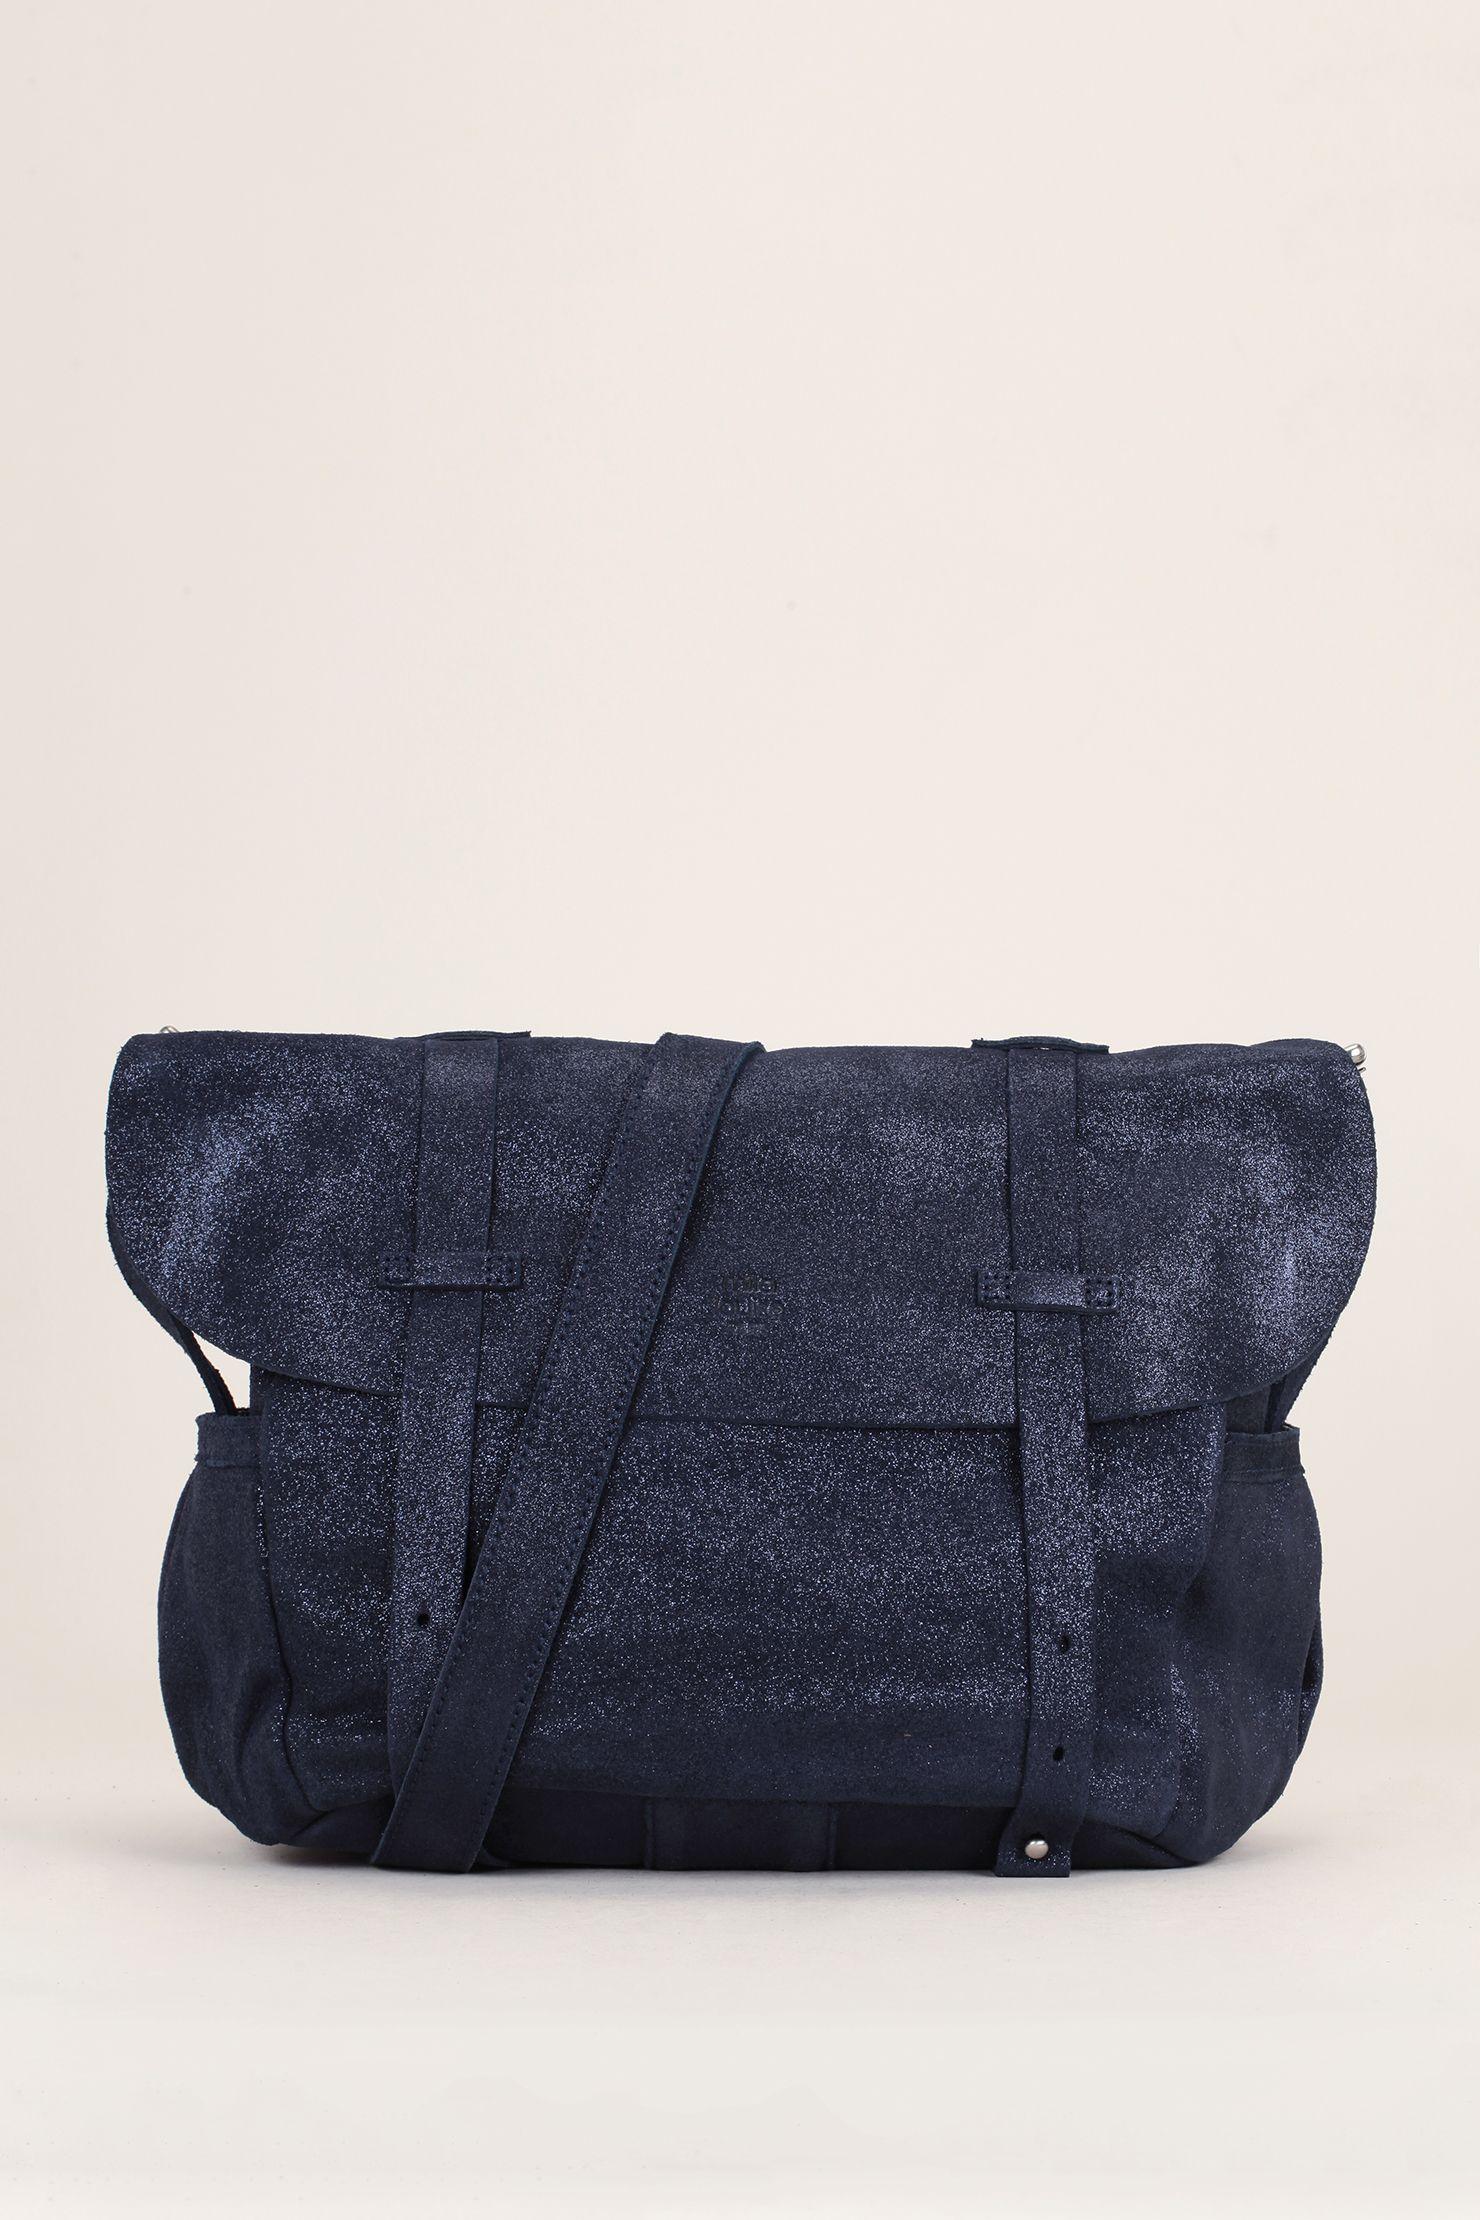 edc80b1cb7 Besace cuir bleu irisé Bernie - Mila Louise | Sacs à main | Bags ...